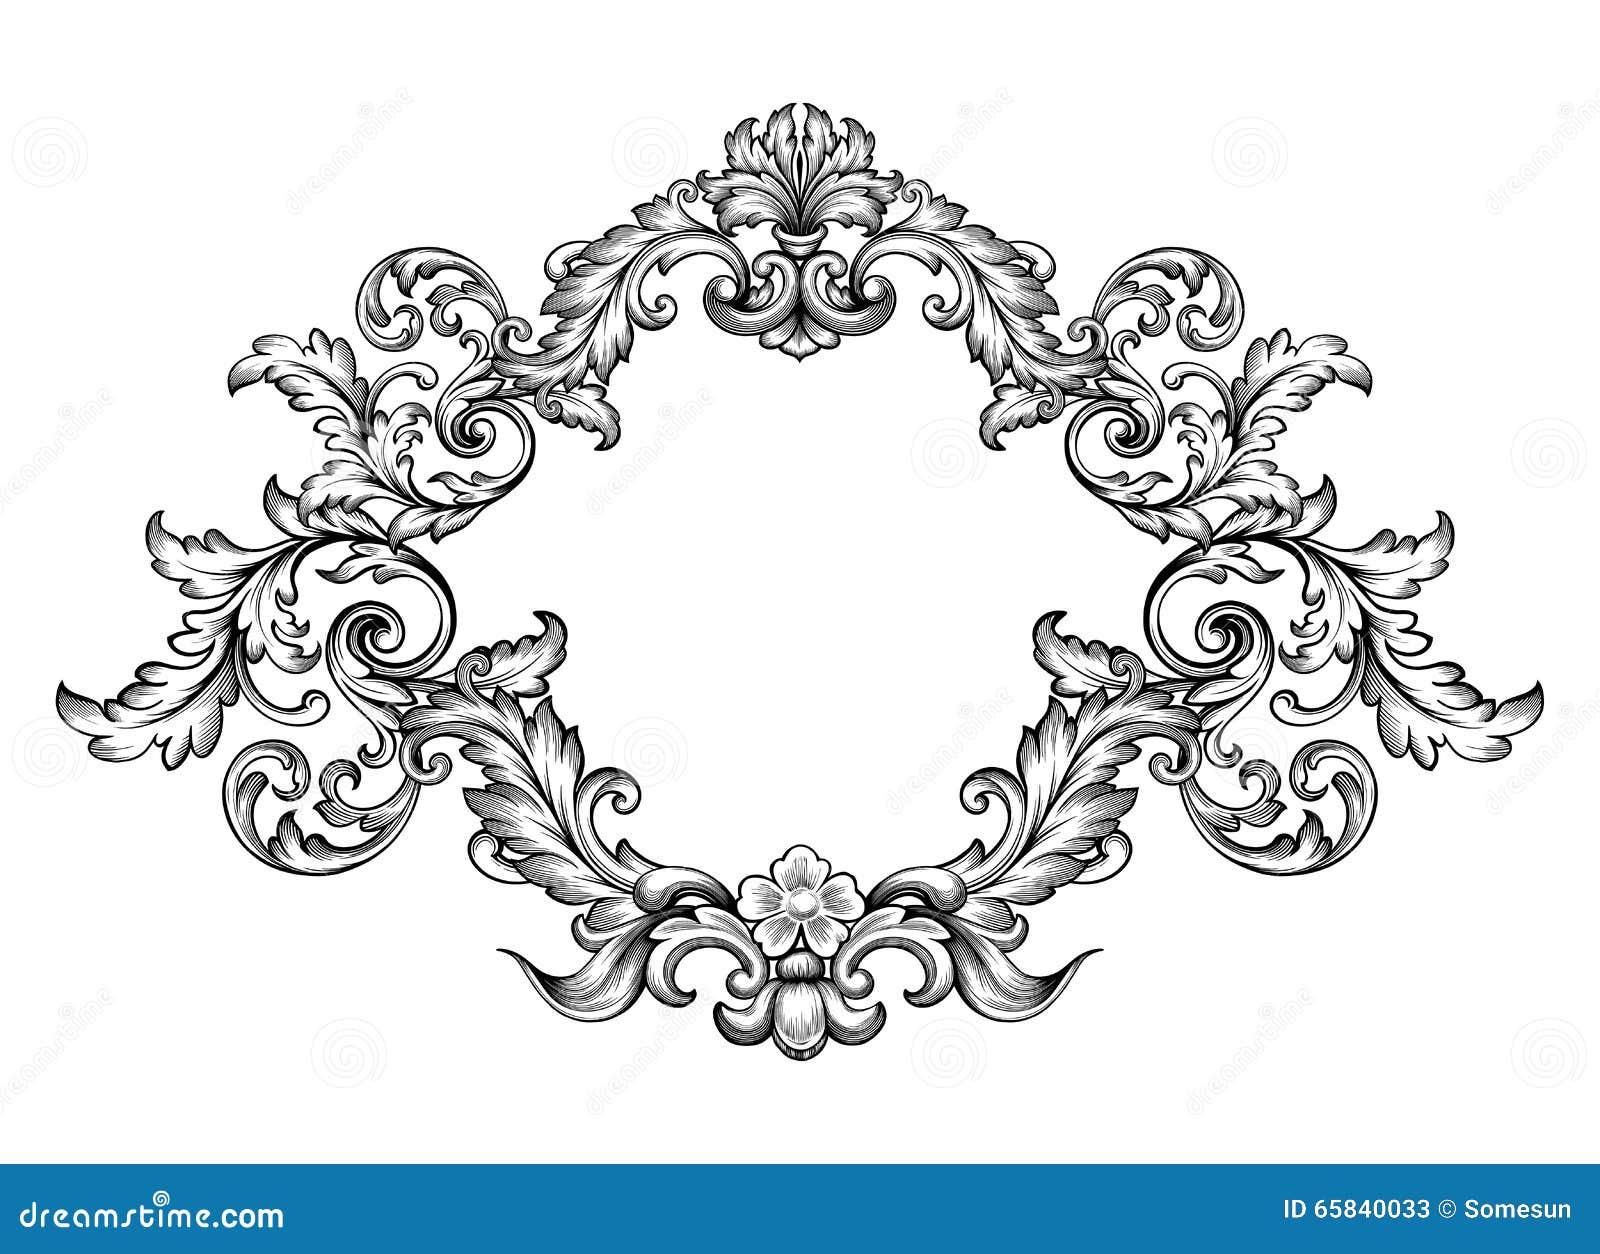 La Voluta Victoriana Barroca Del Ornamento Floral Del Monograma De ...